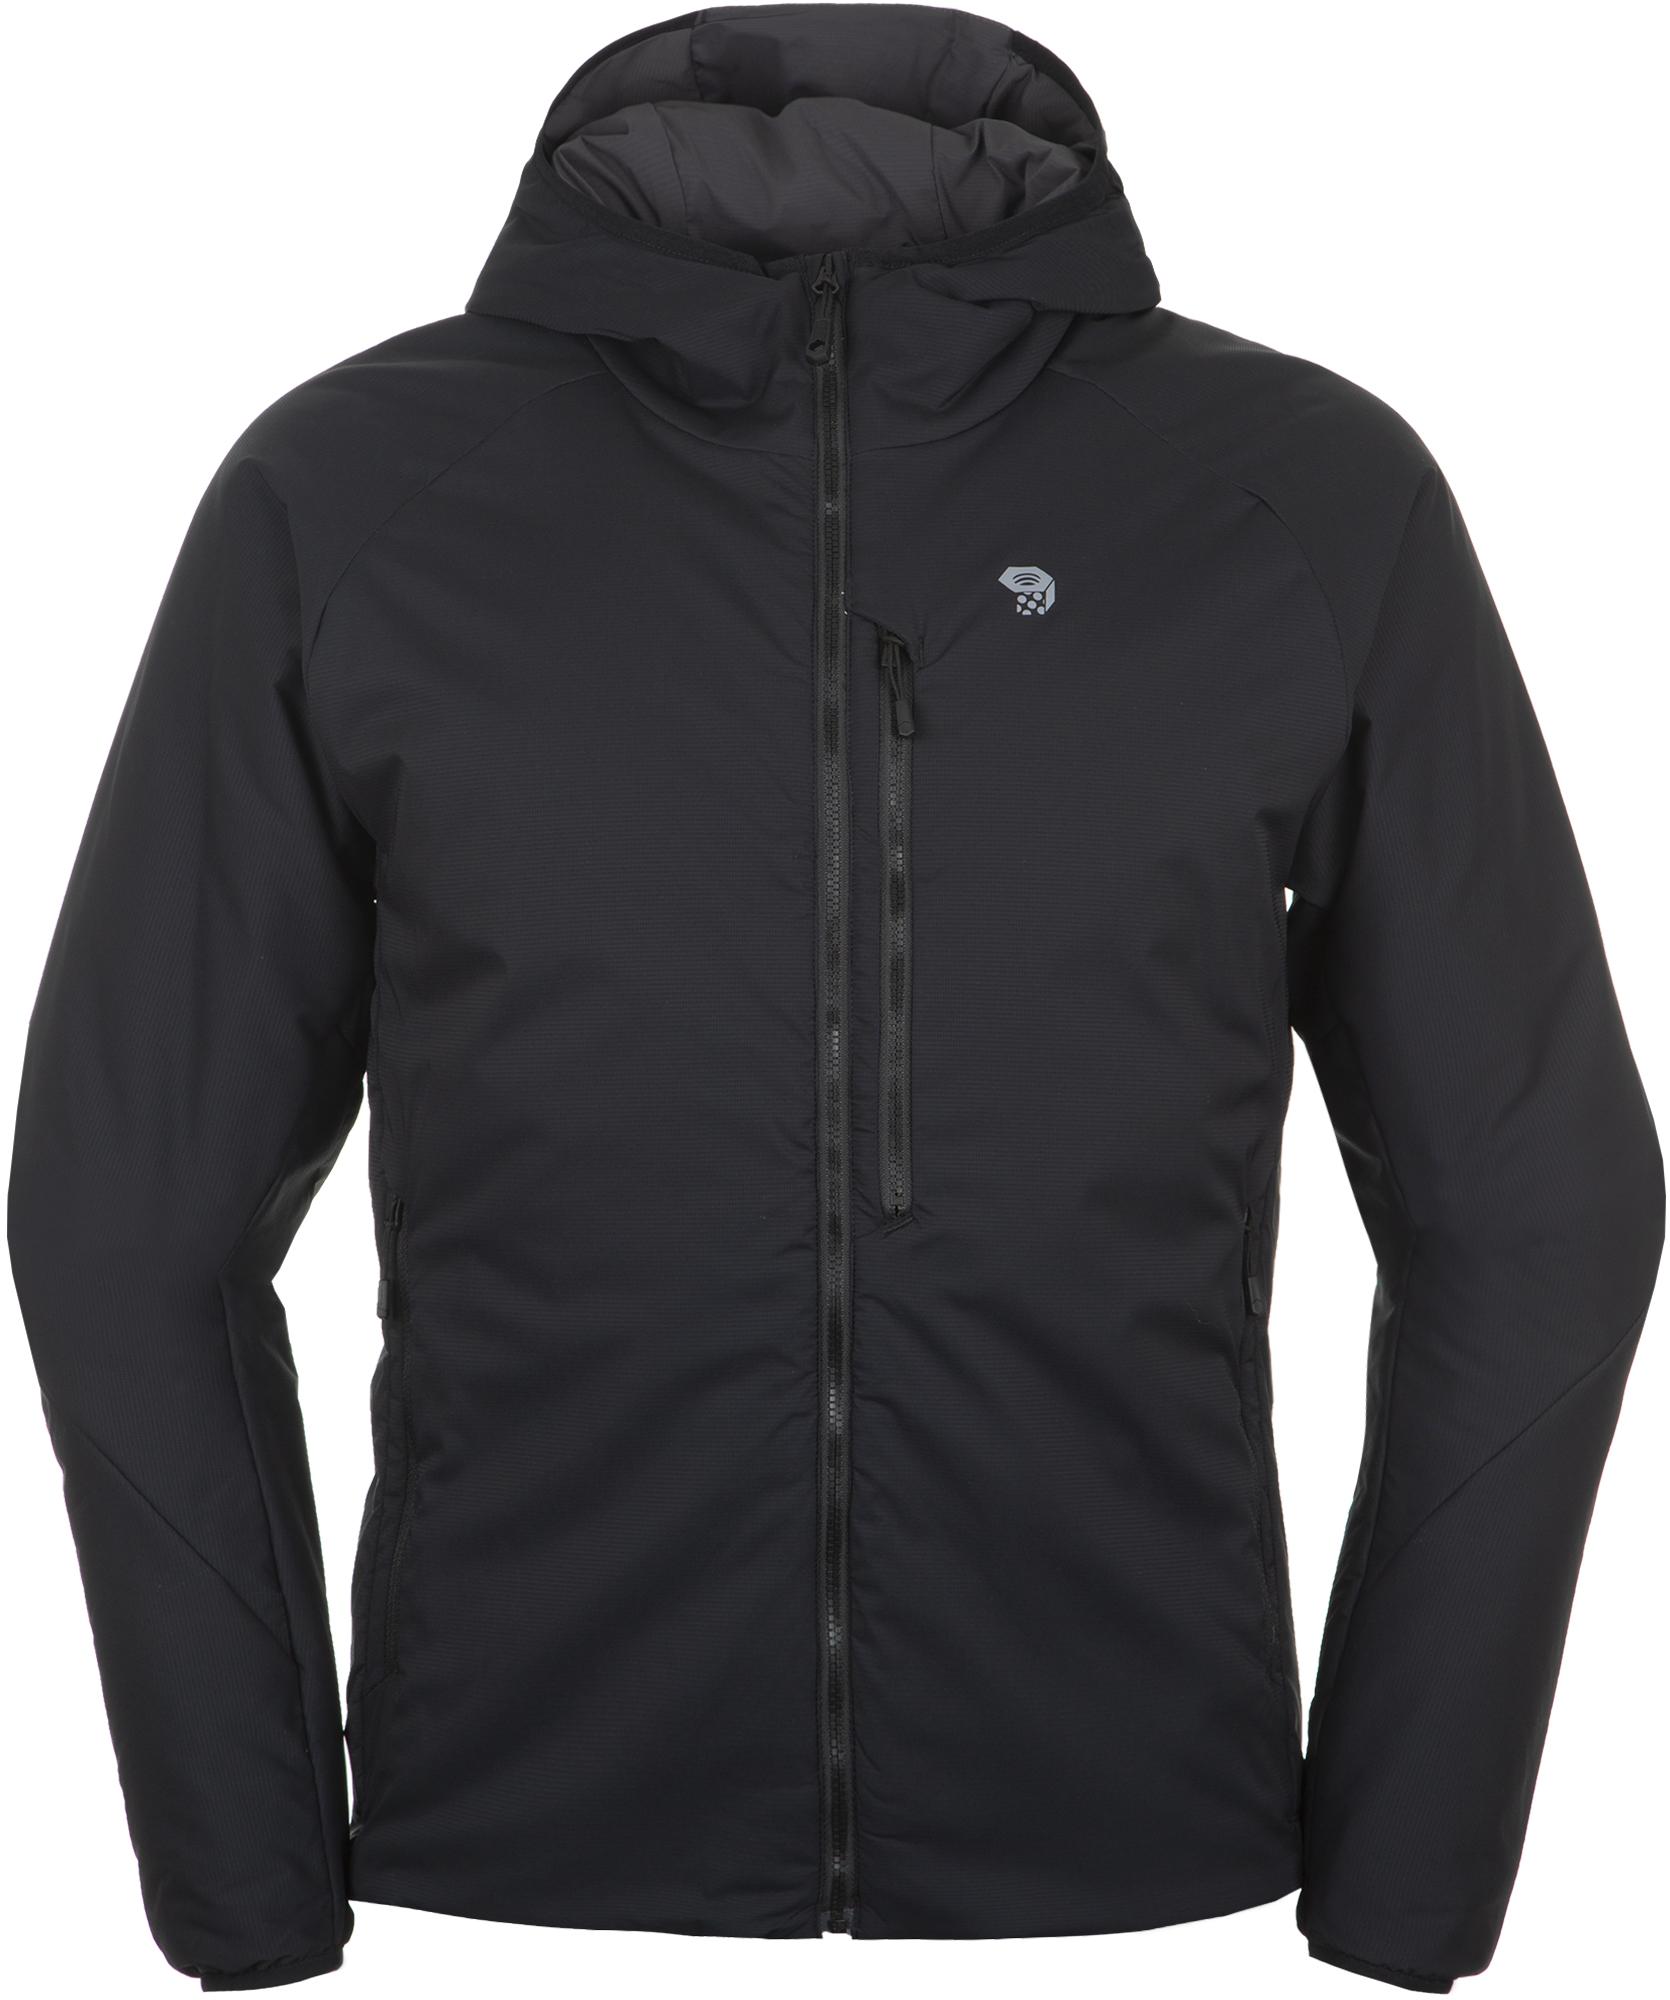 Mountain Hardwear Куртка утепленная мужская Mountain Hardwear Kor Strata, размер 50 mountain hardwear куртка утепленная мужская mountain hardwear radian размер 56